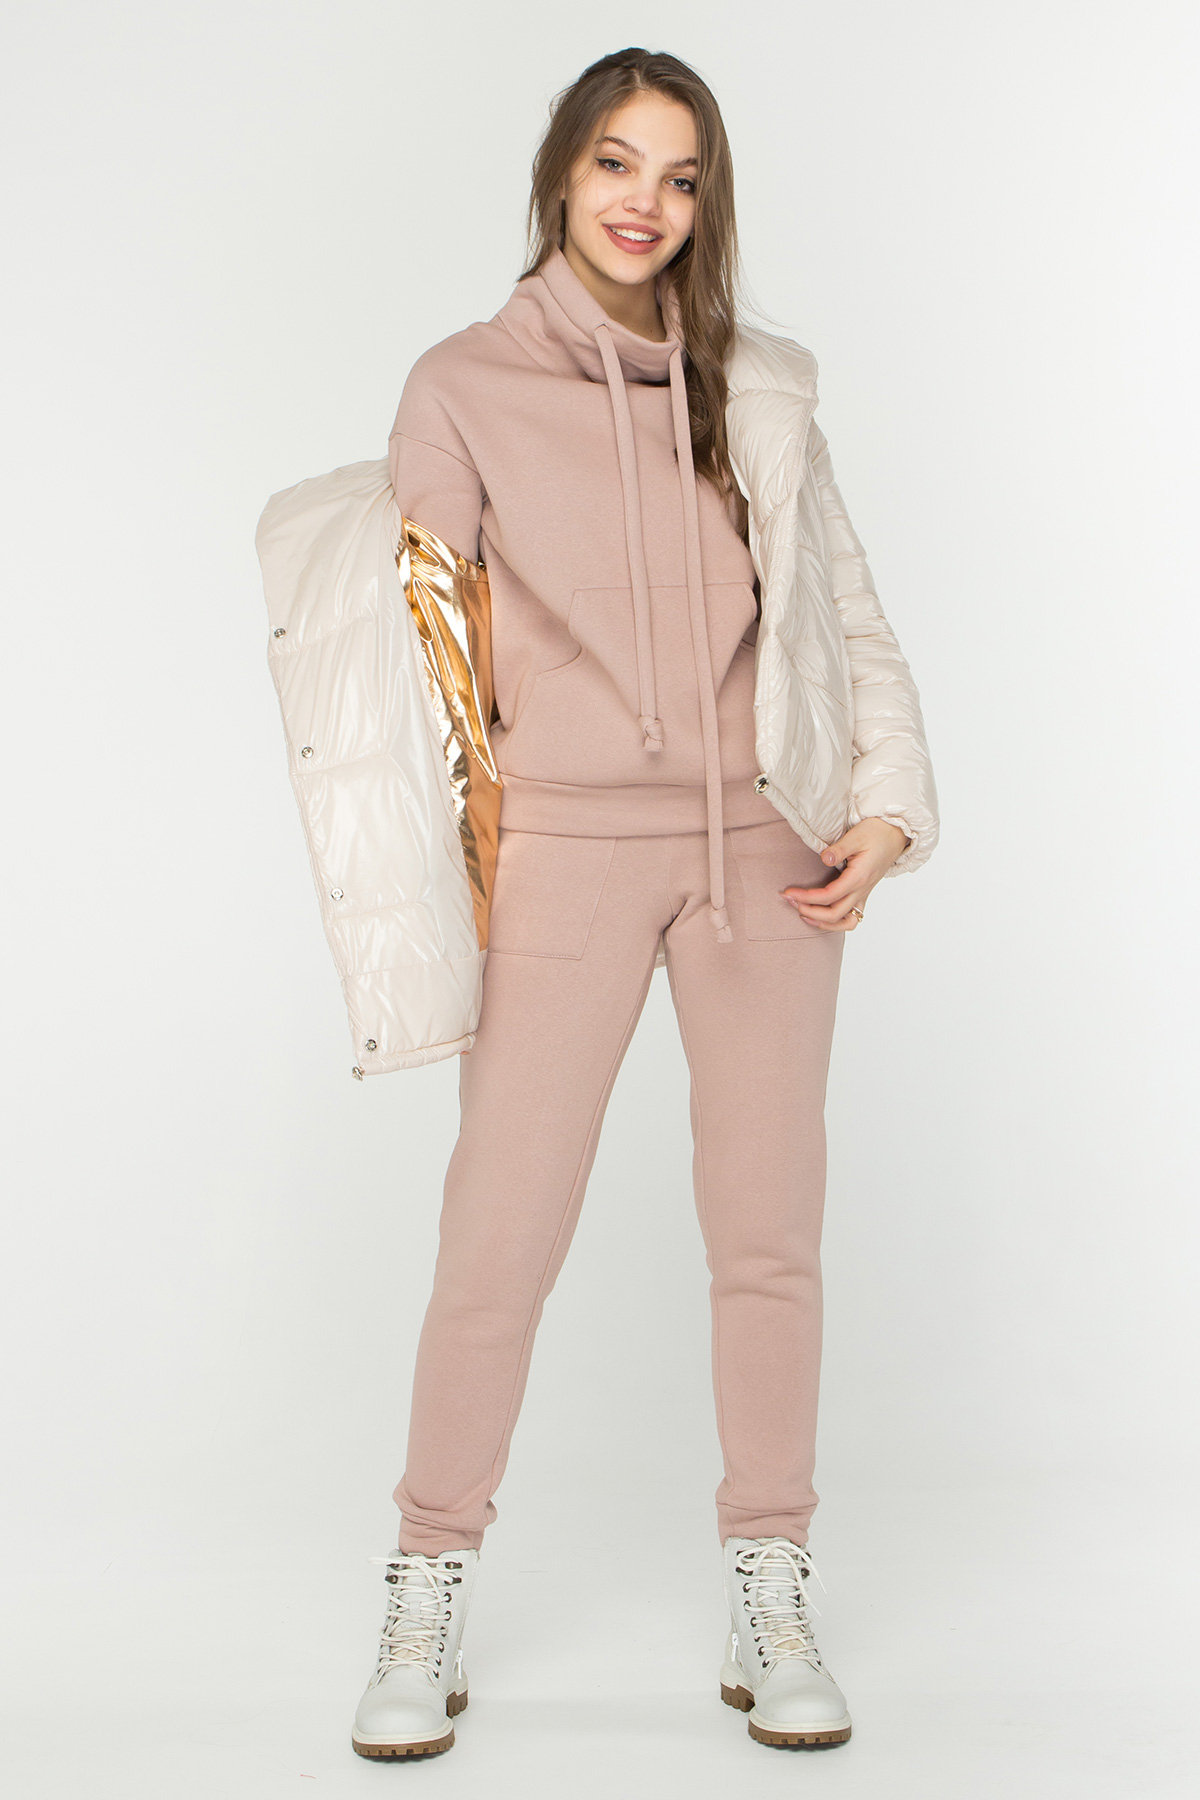 Лаковая куртка пуховик с поясом Бумер 8696 АРТ. 45156 Цвет: светло бежевый - фото 1, интернет магазин tm-modus.ru